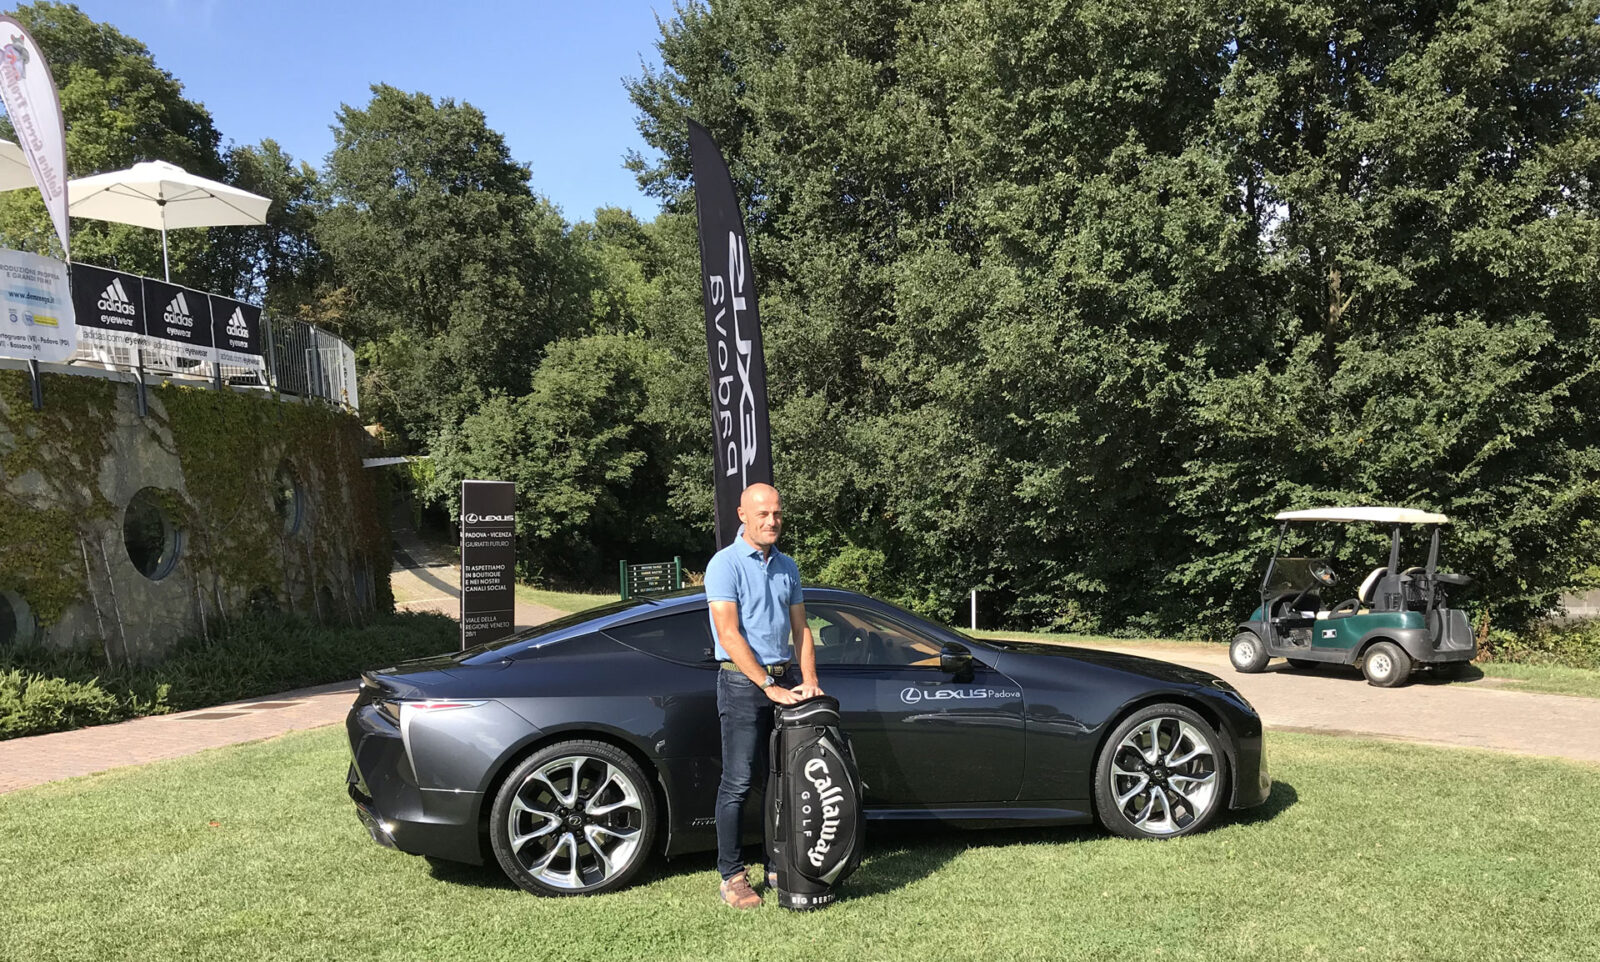 Paolo Cristallini, vincitore del Lordo al Golf Club Colli Berici